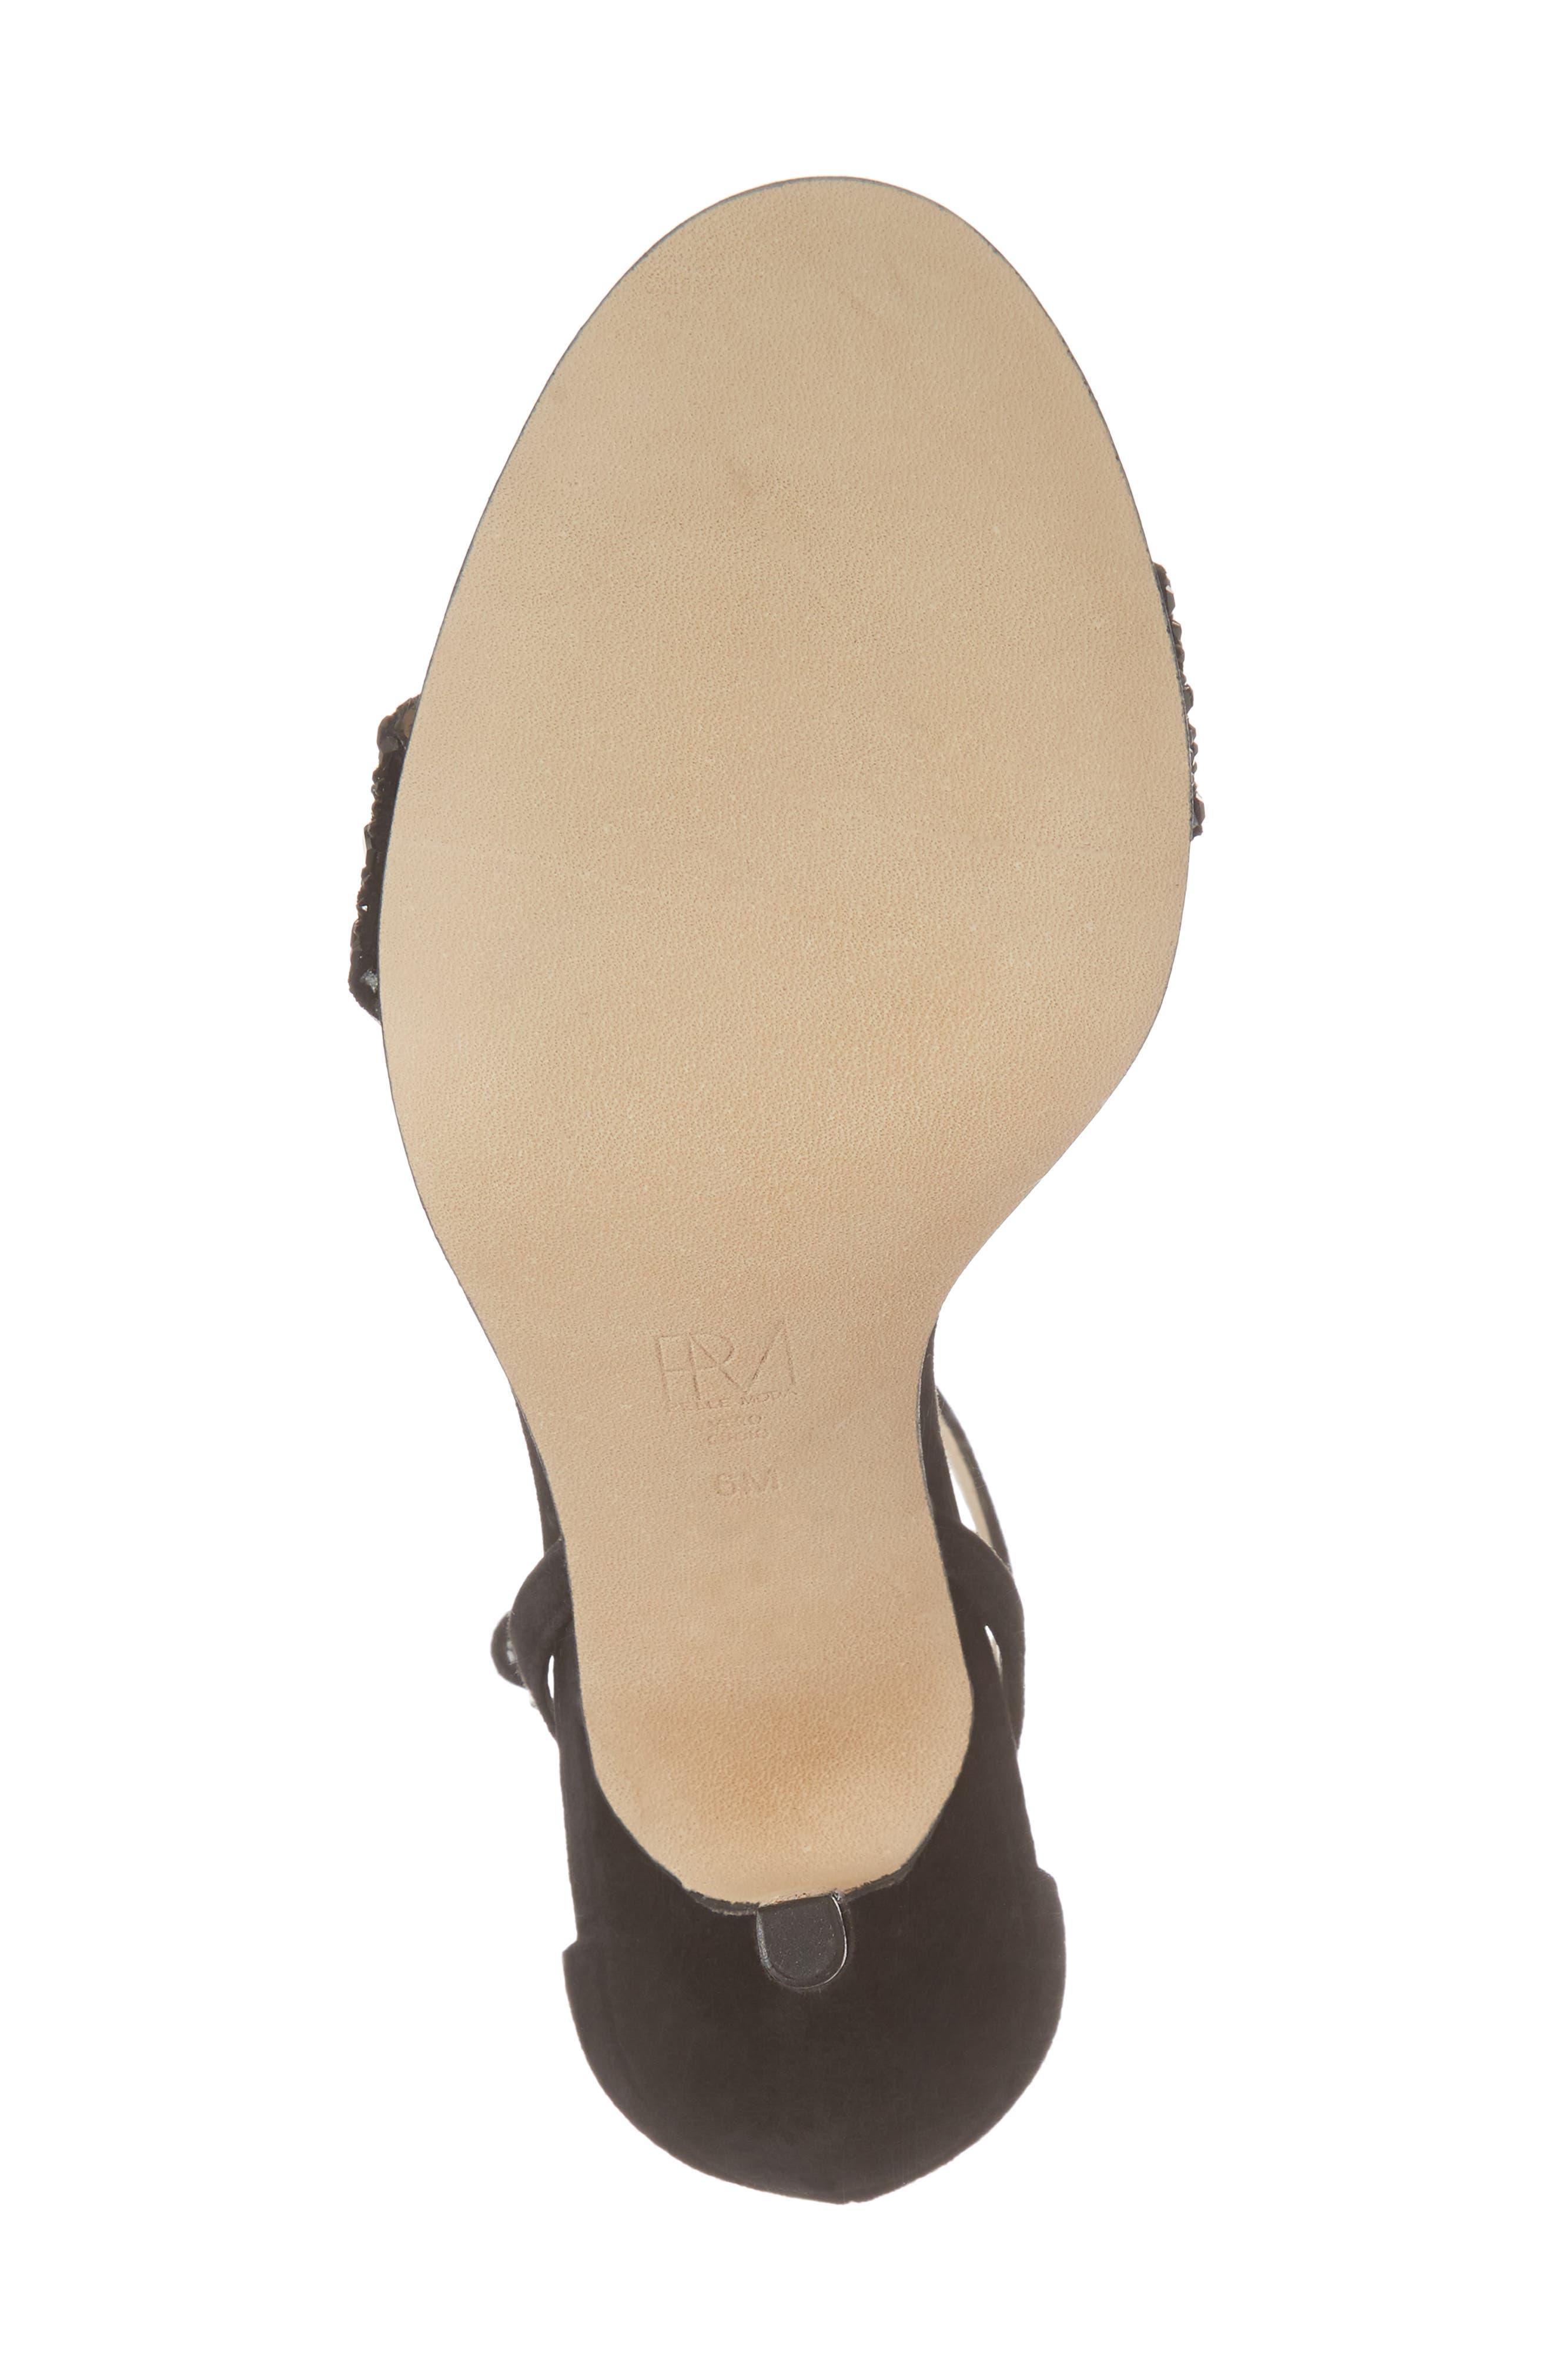 Karmina Embellished Sandal,                             Alternate thumbnail 6, color,                             BLACK SUEDE